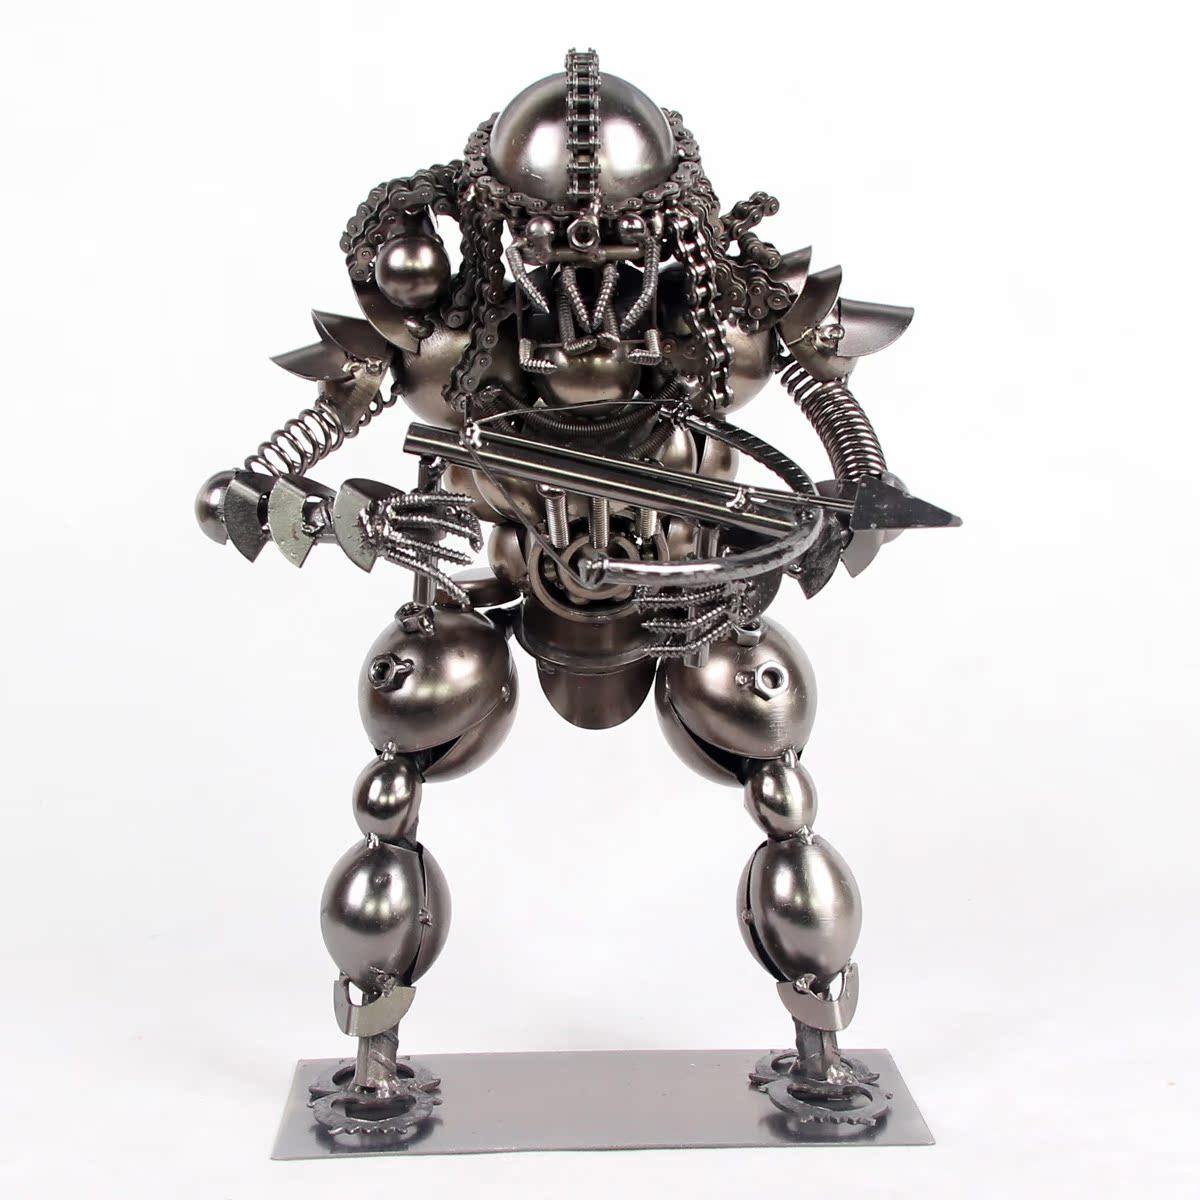 家居橱窗装饰铁艺工艺品个性摆设创意男生礼物机器人怪兽模型摆件